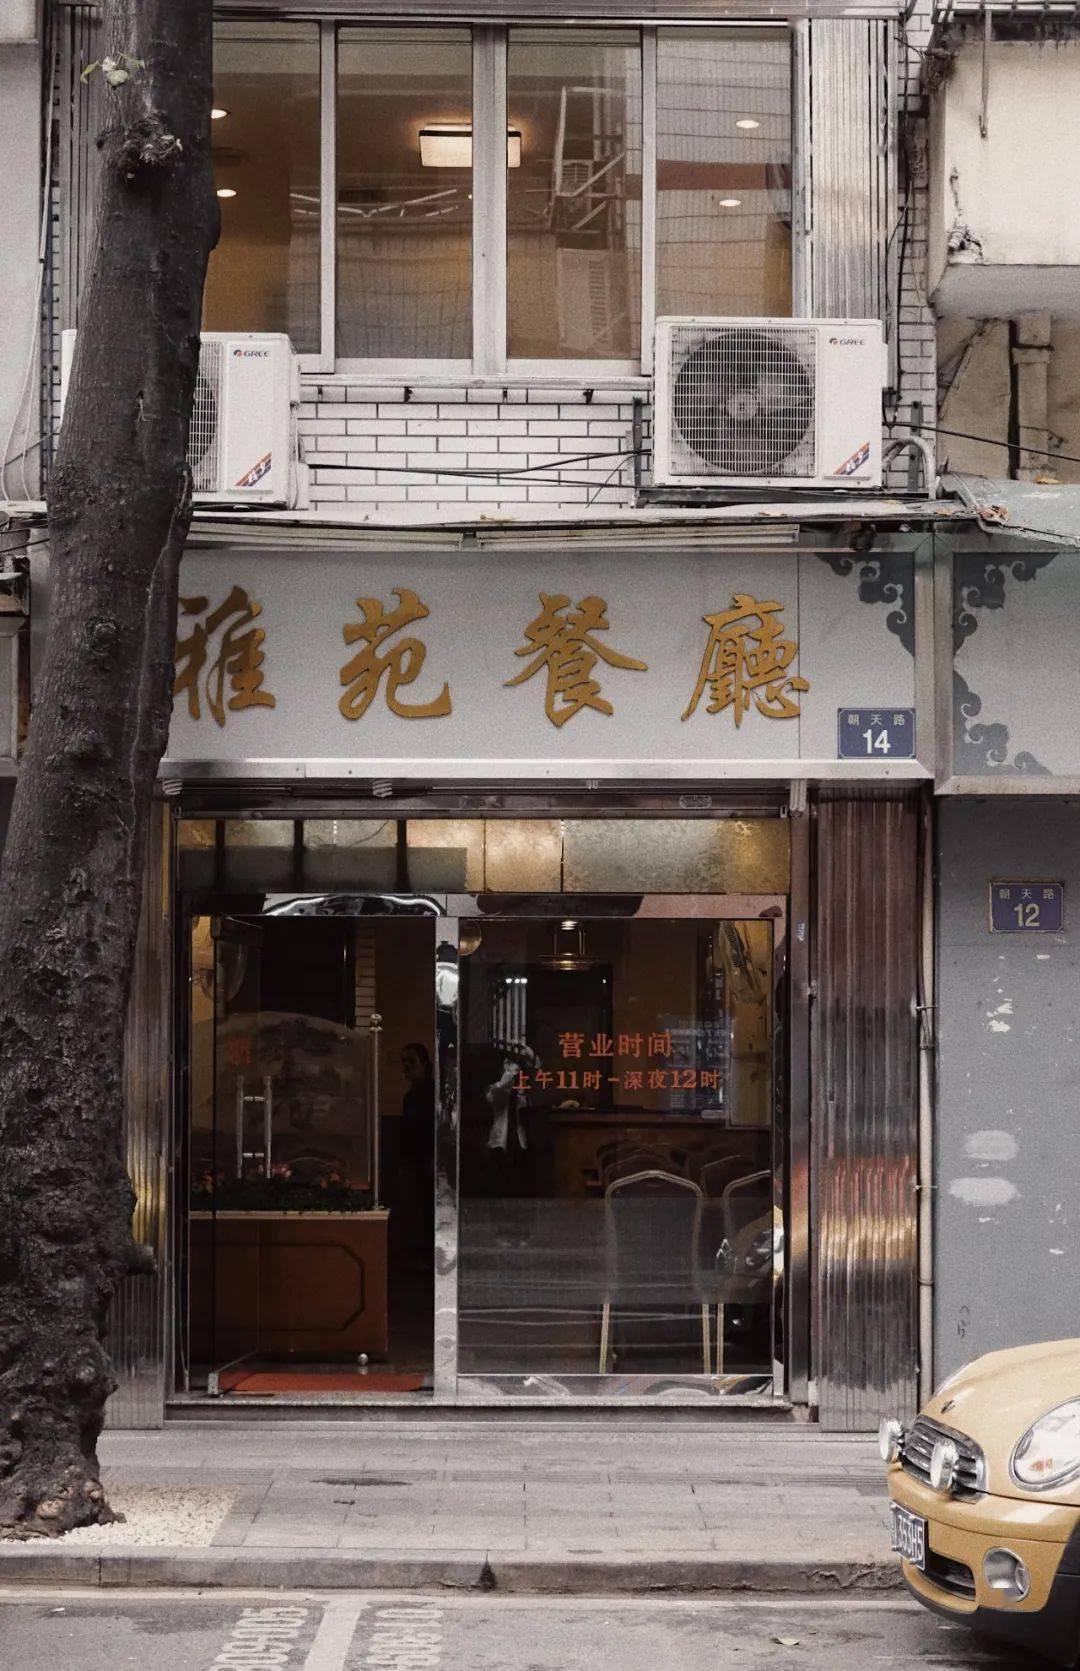 广州的食肆里藏着什么秘密?